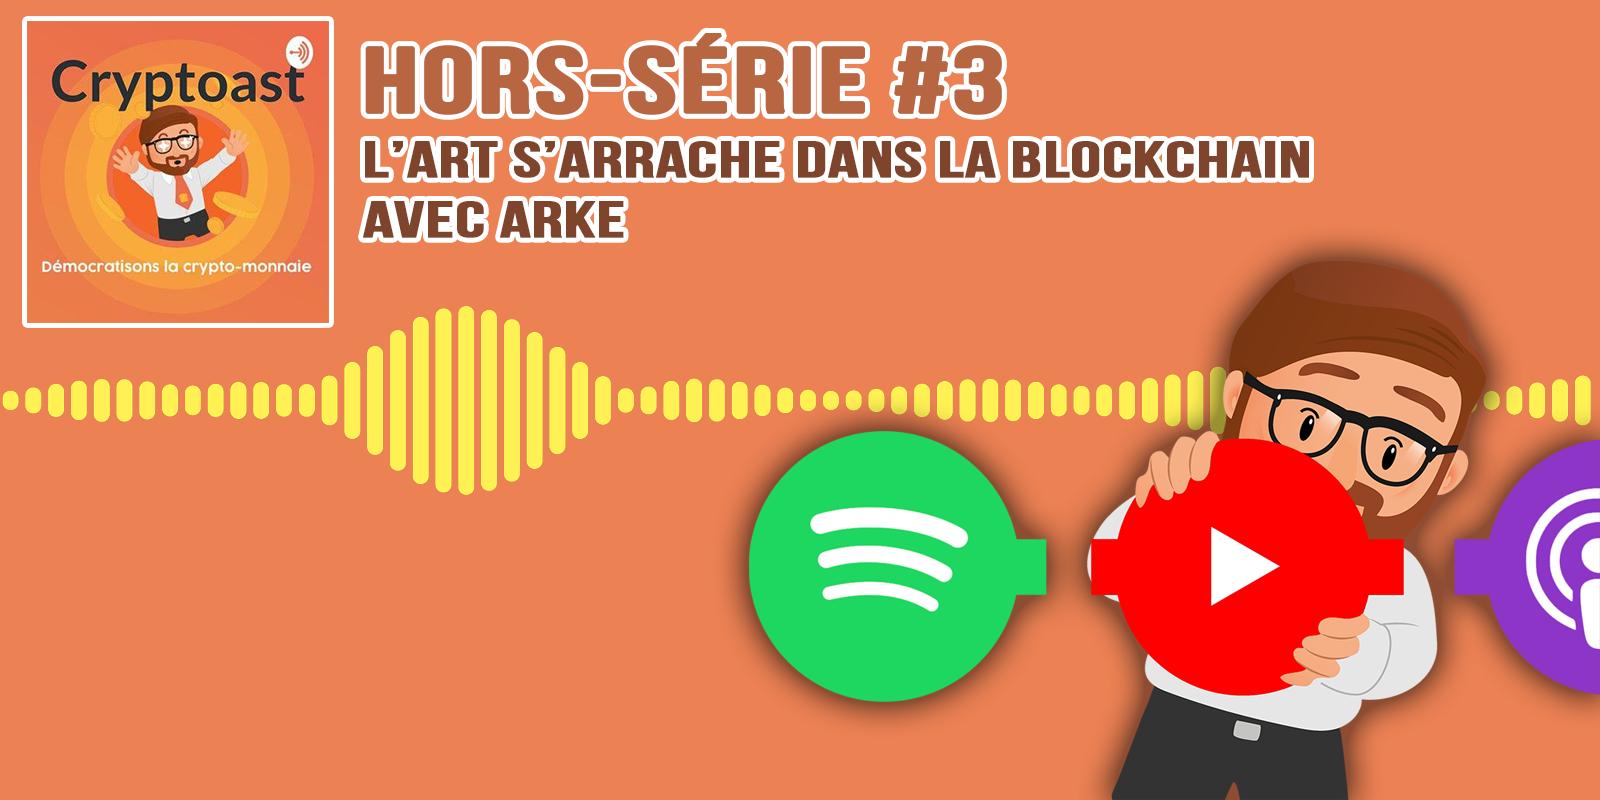 Podcast hors-série #3 - L'art s'arrache dans la blockchain, avec Arke